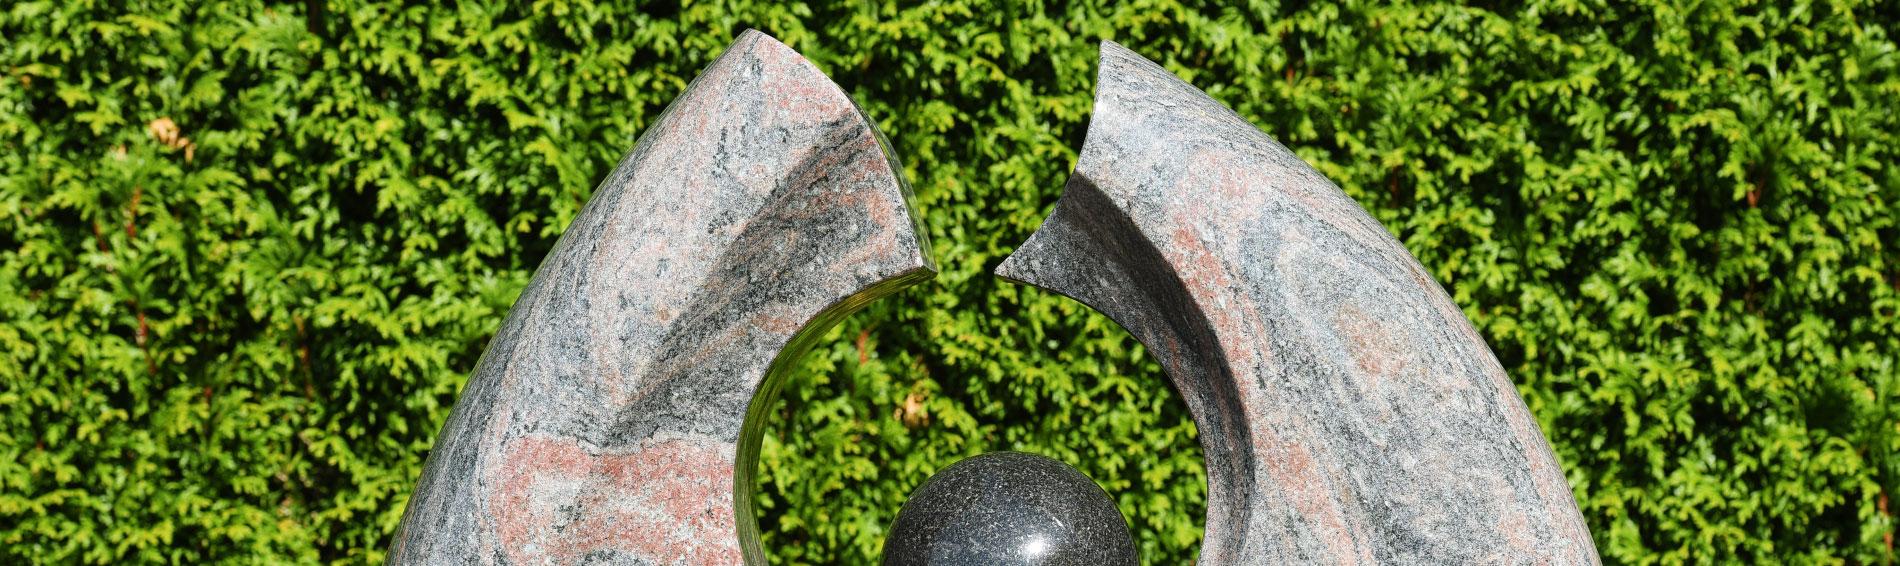 Grafsteen | Ariës Natuursteen, Gelderland